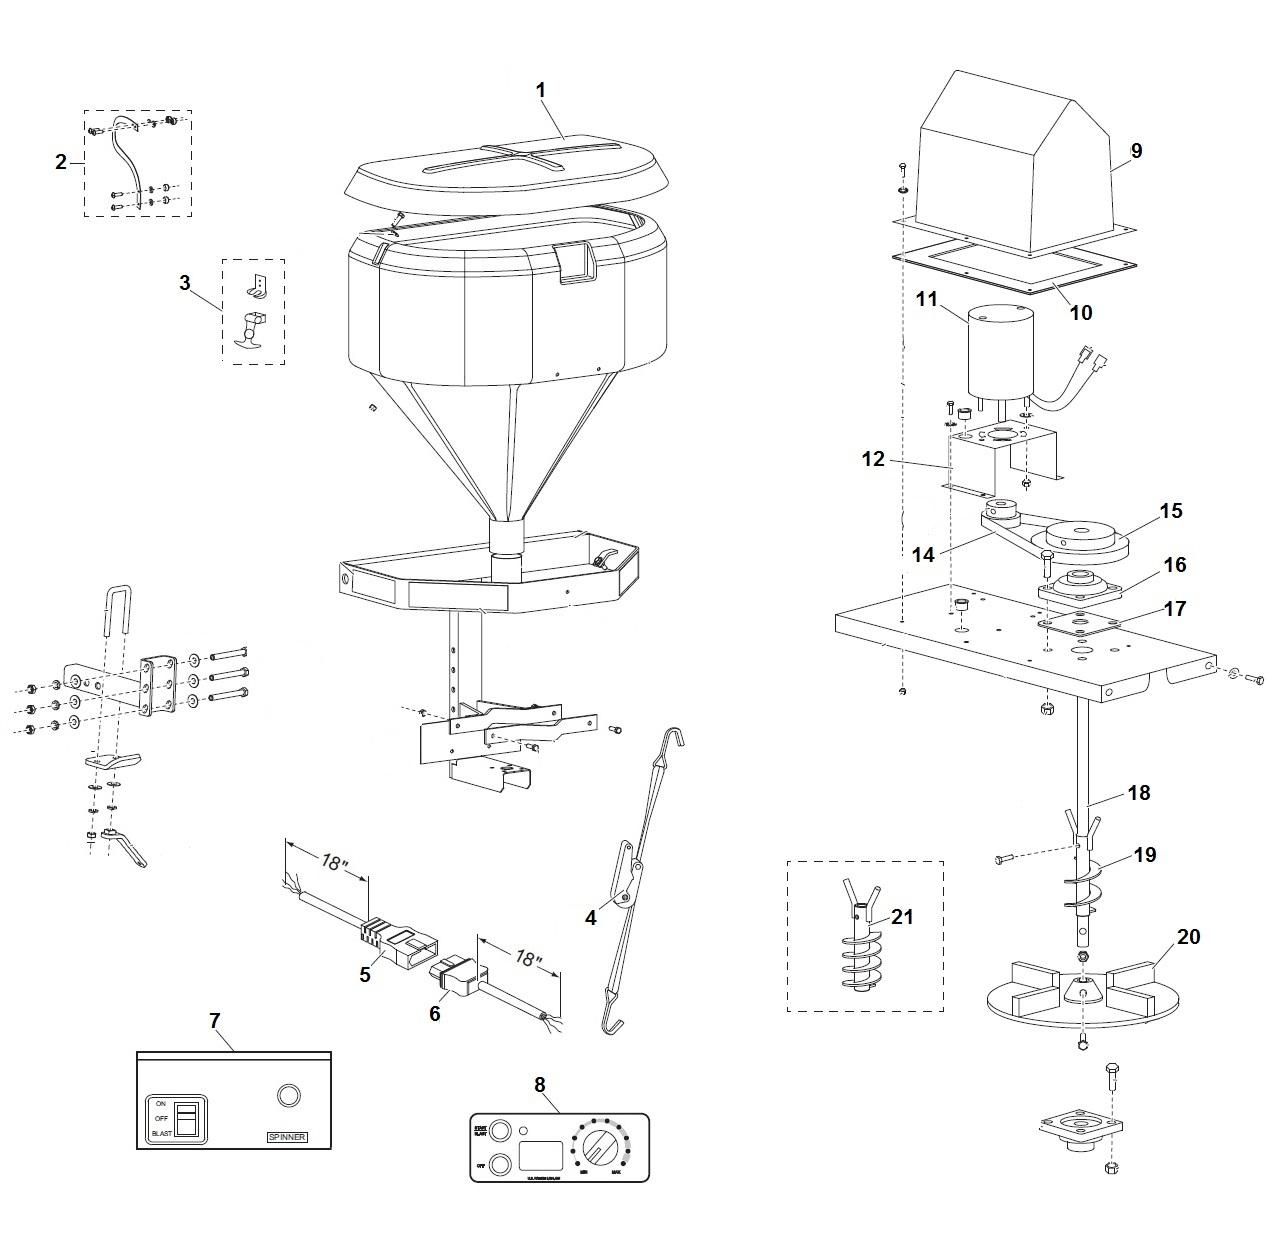 Western 500 Tailgate Salt Spreader Parts Diagram / Schematic